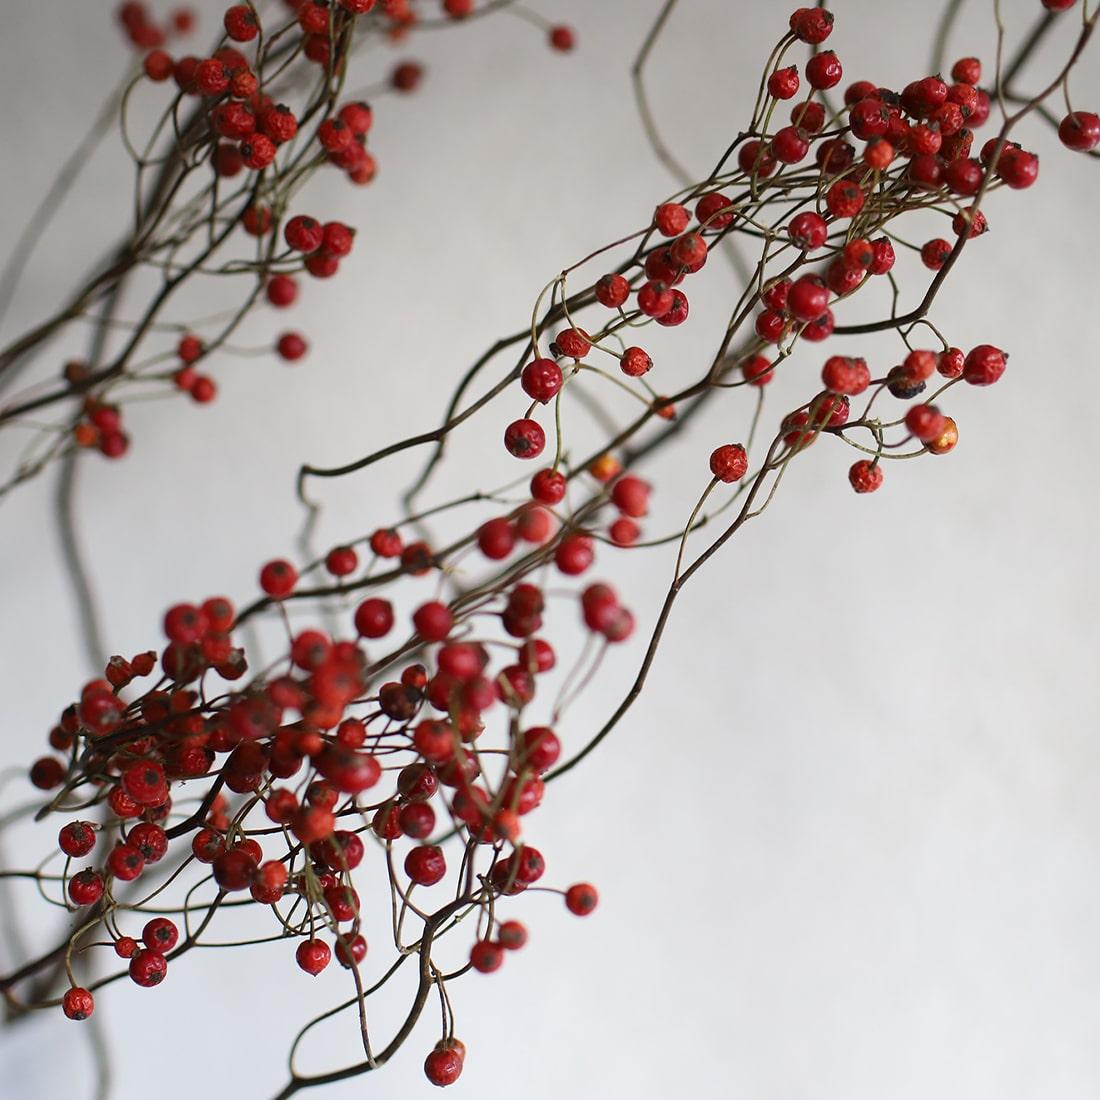 ルビー色のきれいな実で、豪快な枝ぶりが魅力的な植物です。国によっては、ハーブティーやローズヒップオイルの原料にも使われています。